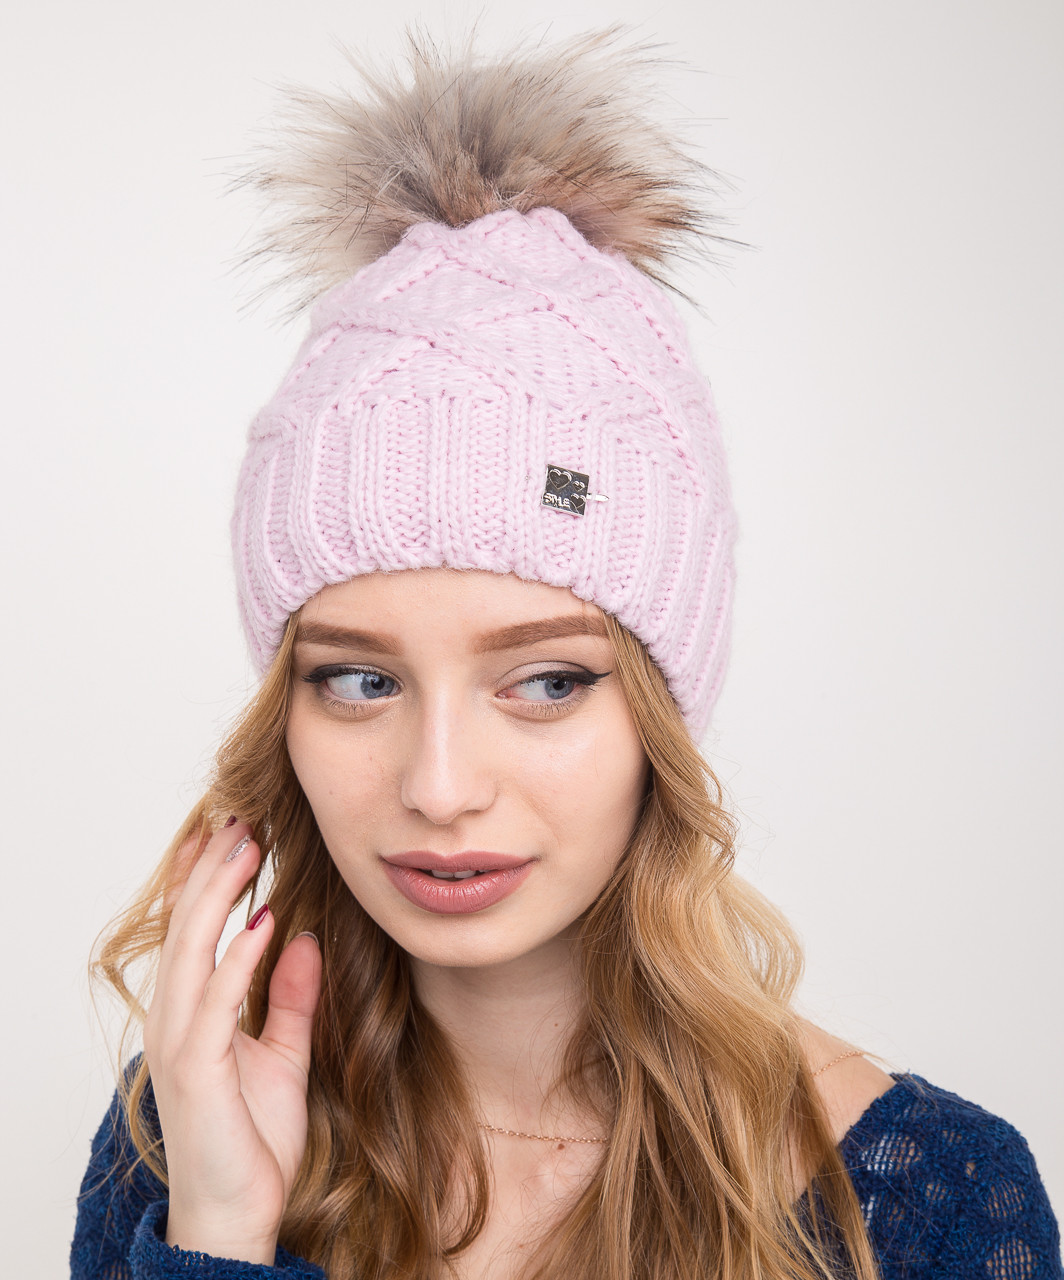 Женская вязанная шапка с меховым помпоном на зиму - Артикул 2150-5